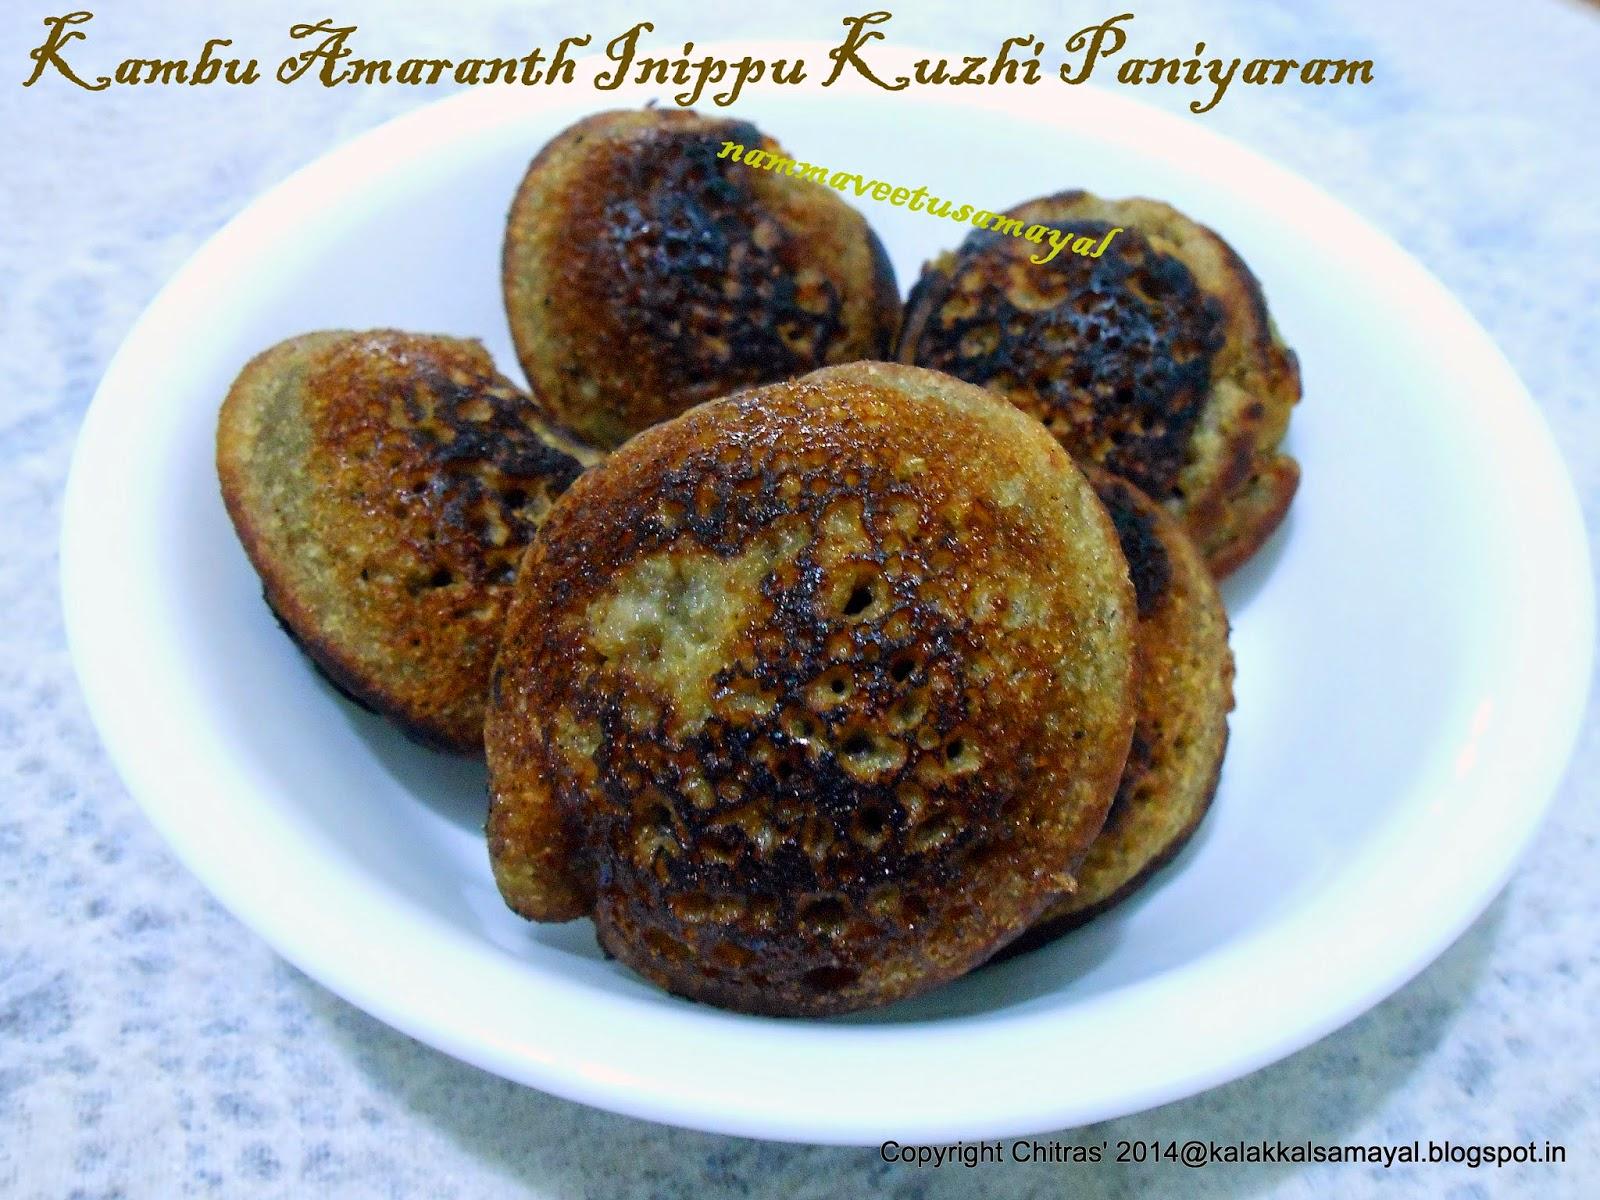 Kambu Amaranth Sweet Kuzhi Paniyaram [ Bajra Amaranth sweet Kuzhipaniyaram ]